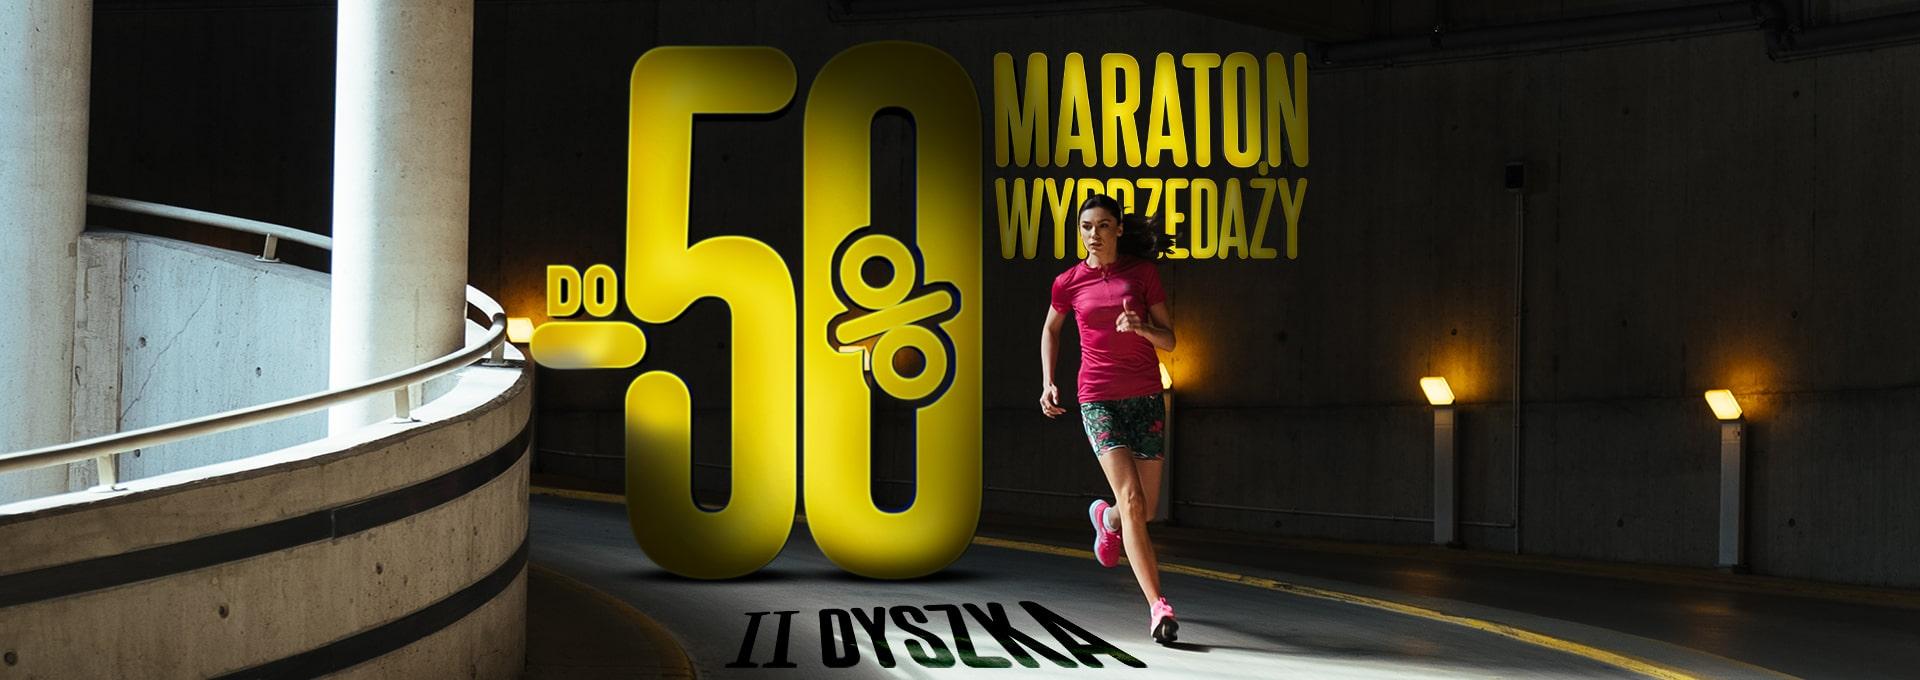 Maraton Wyprzedaży II dyszka